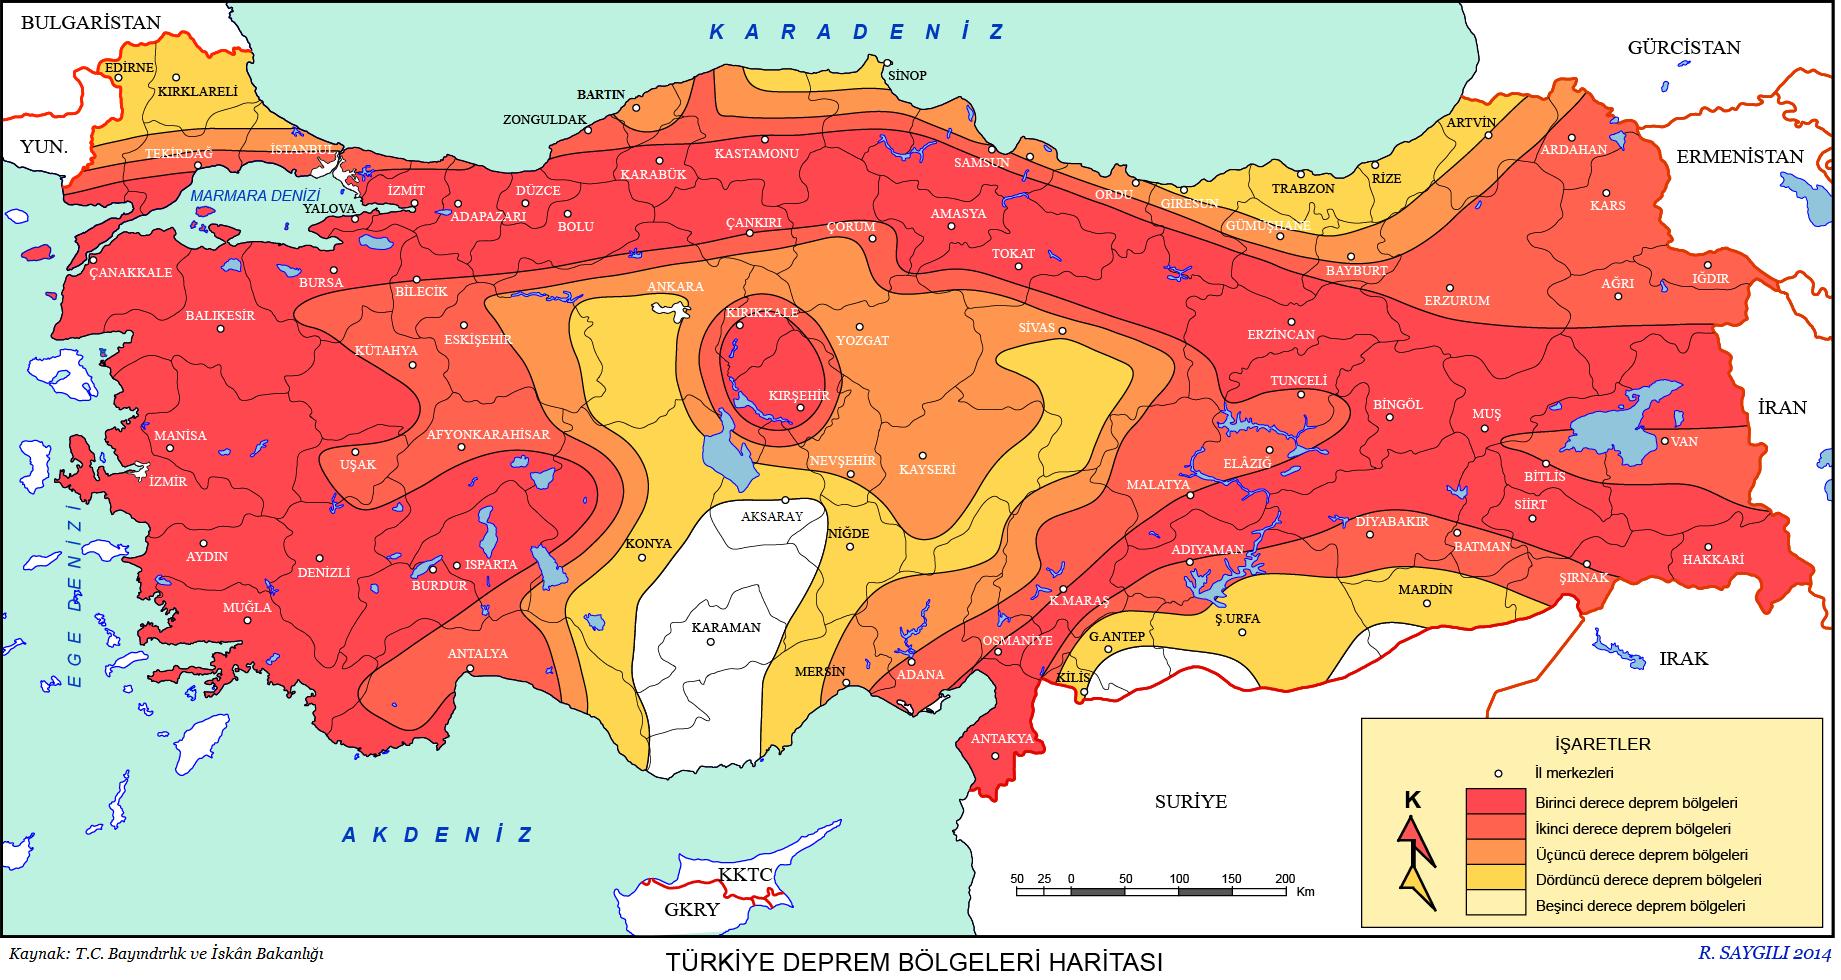 turkiye-deprem-bolgeleri-haritasi